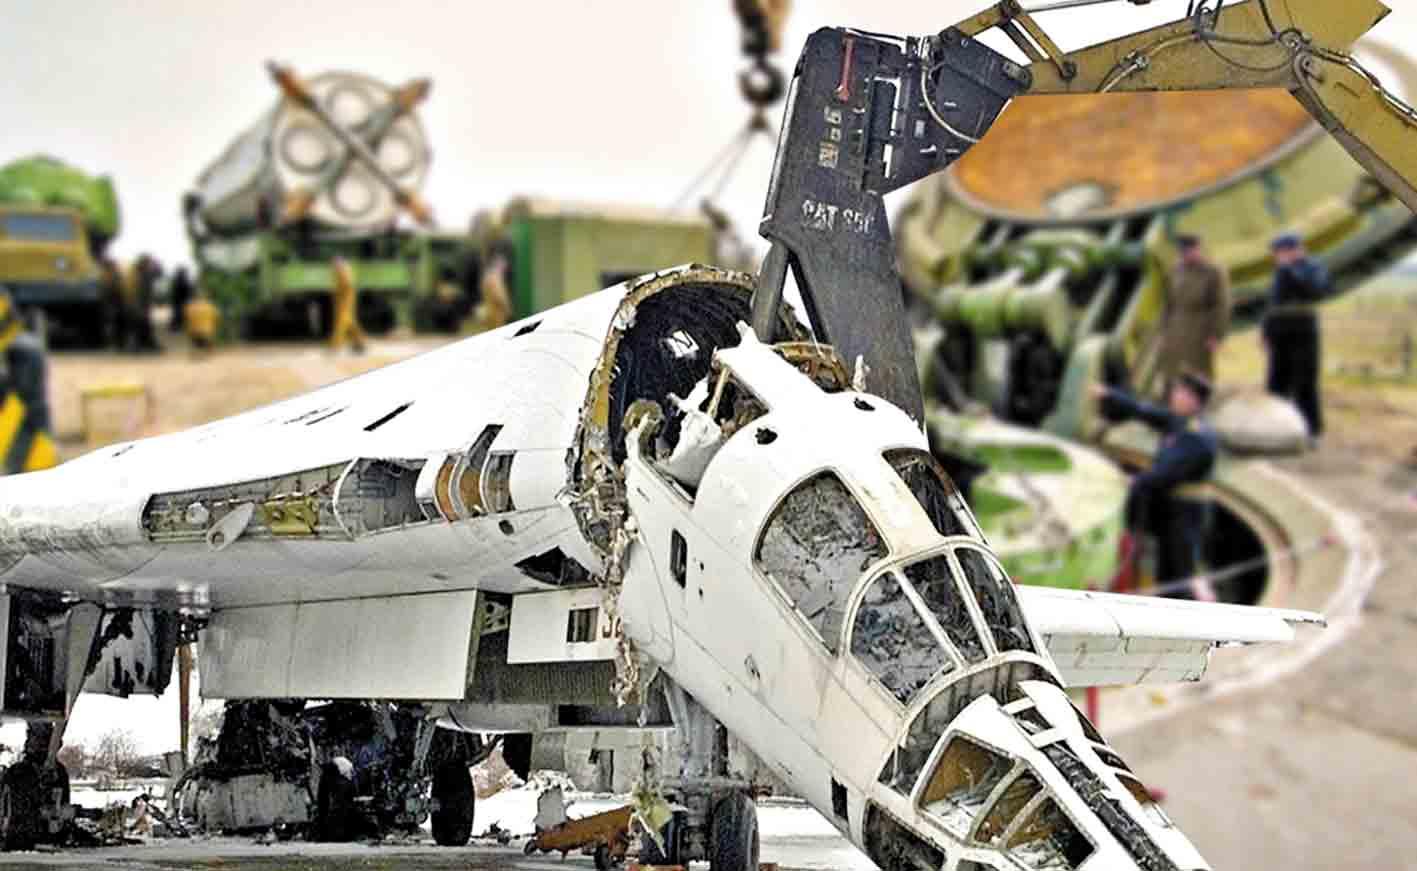 Найновіші бомбардувальники Ту-160 та Ту-95 із Вінниці передавали Росії, різали на металобрухт, «лівачили» та продавали за безцінь